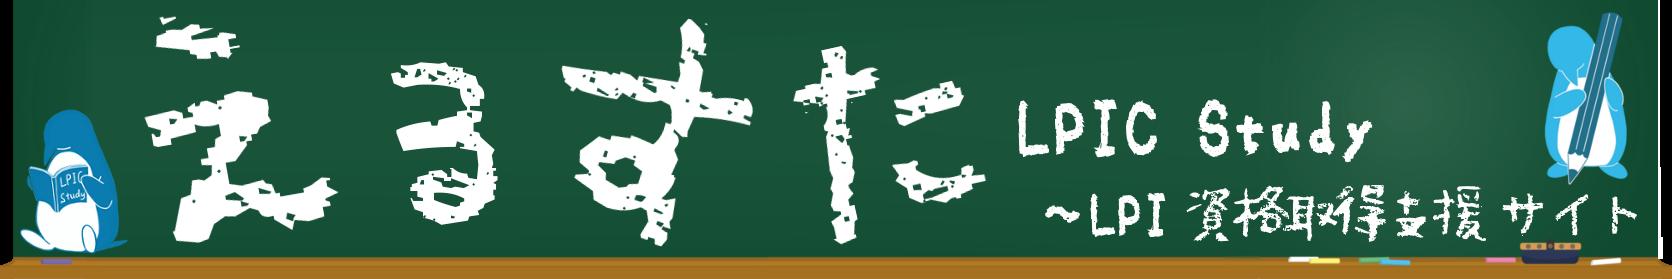 えるすた LPIC Study ~LPIC資格取得支援サイト